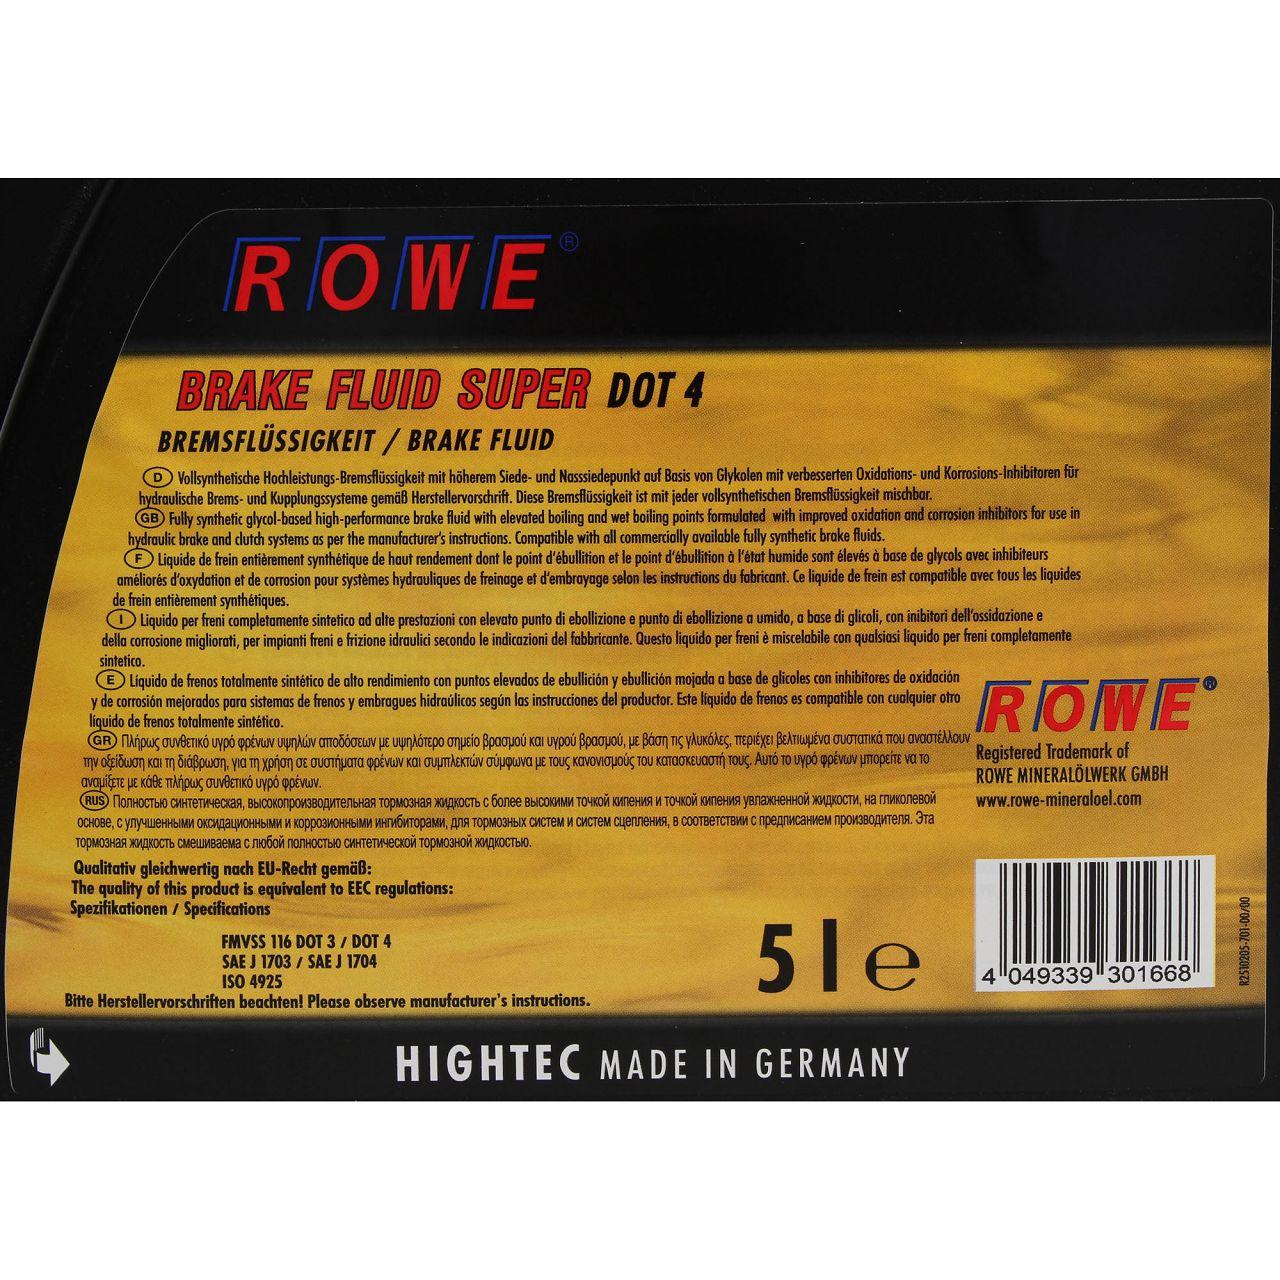 ROWE Bremsflüssigkeit HIGH TEC BRAKE FLUID SUPER DOT 4 - 5L 5 Liter